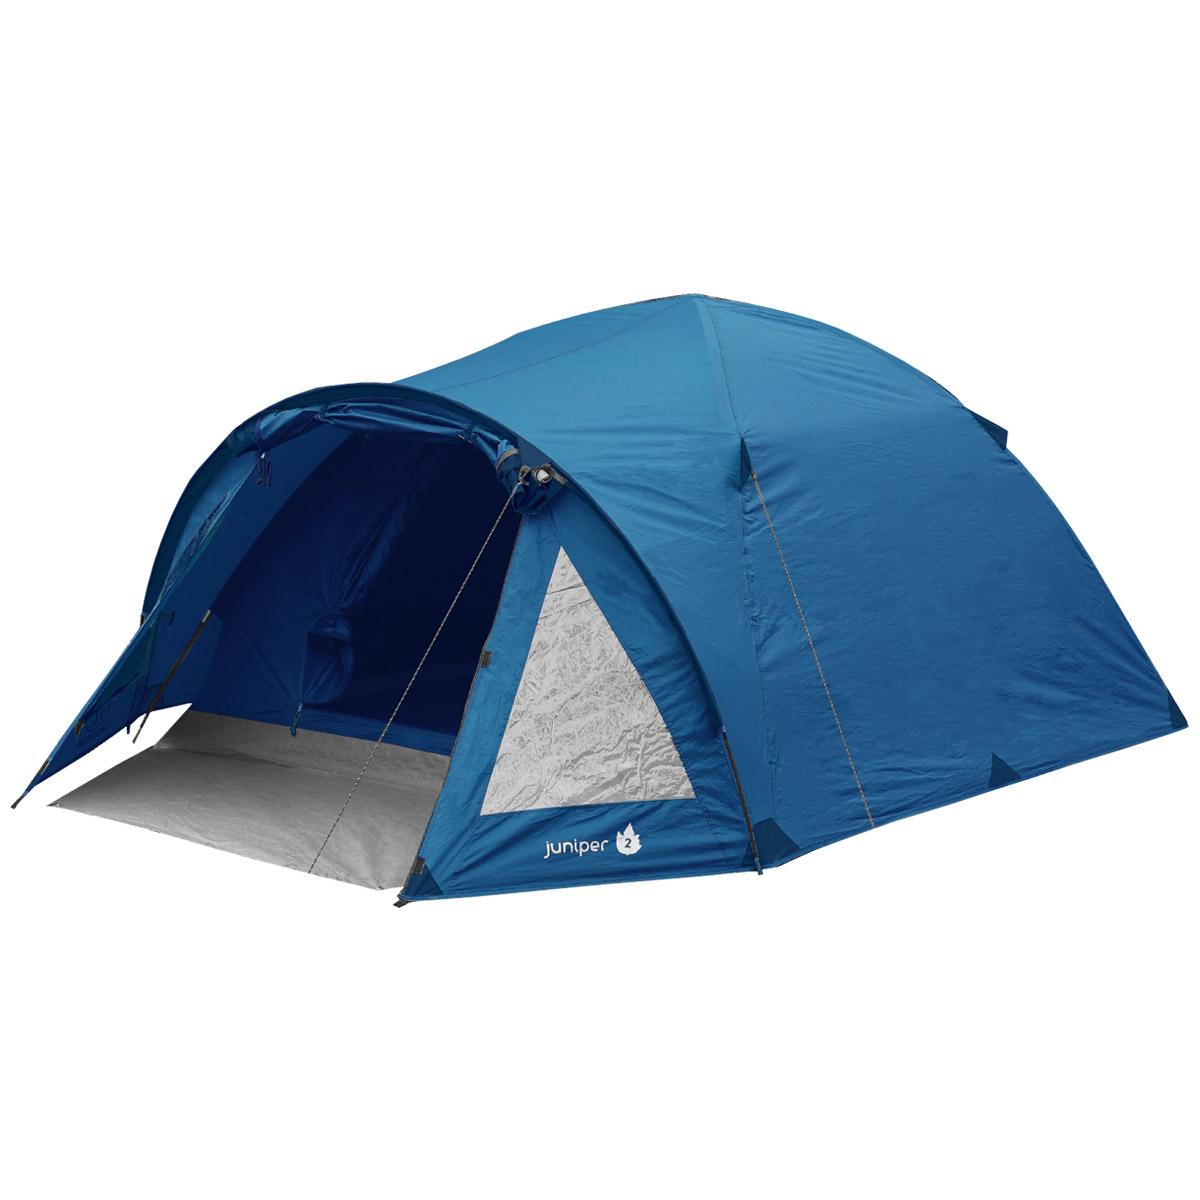 Highlander Juniper 2 Personne Dôme Tente Camping Randonnée week-end Festivals Bleu Profond